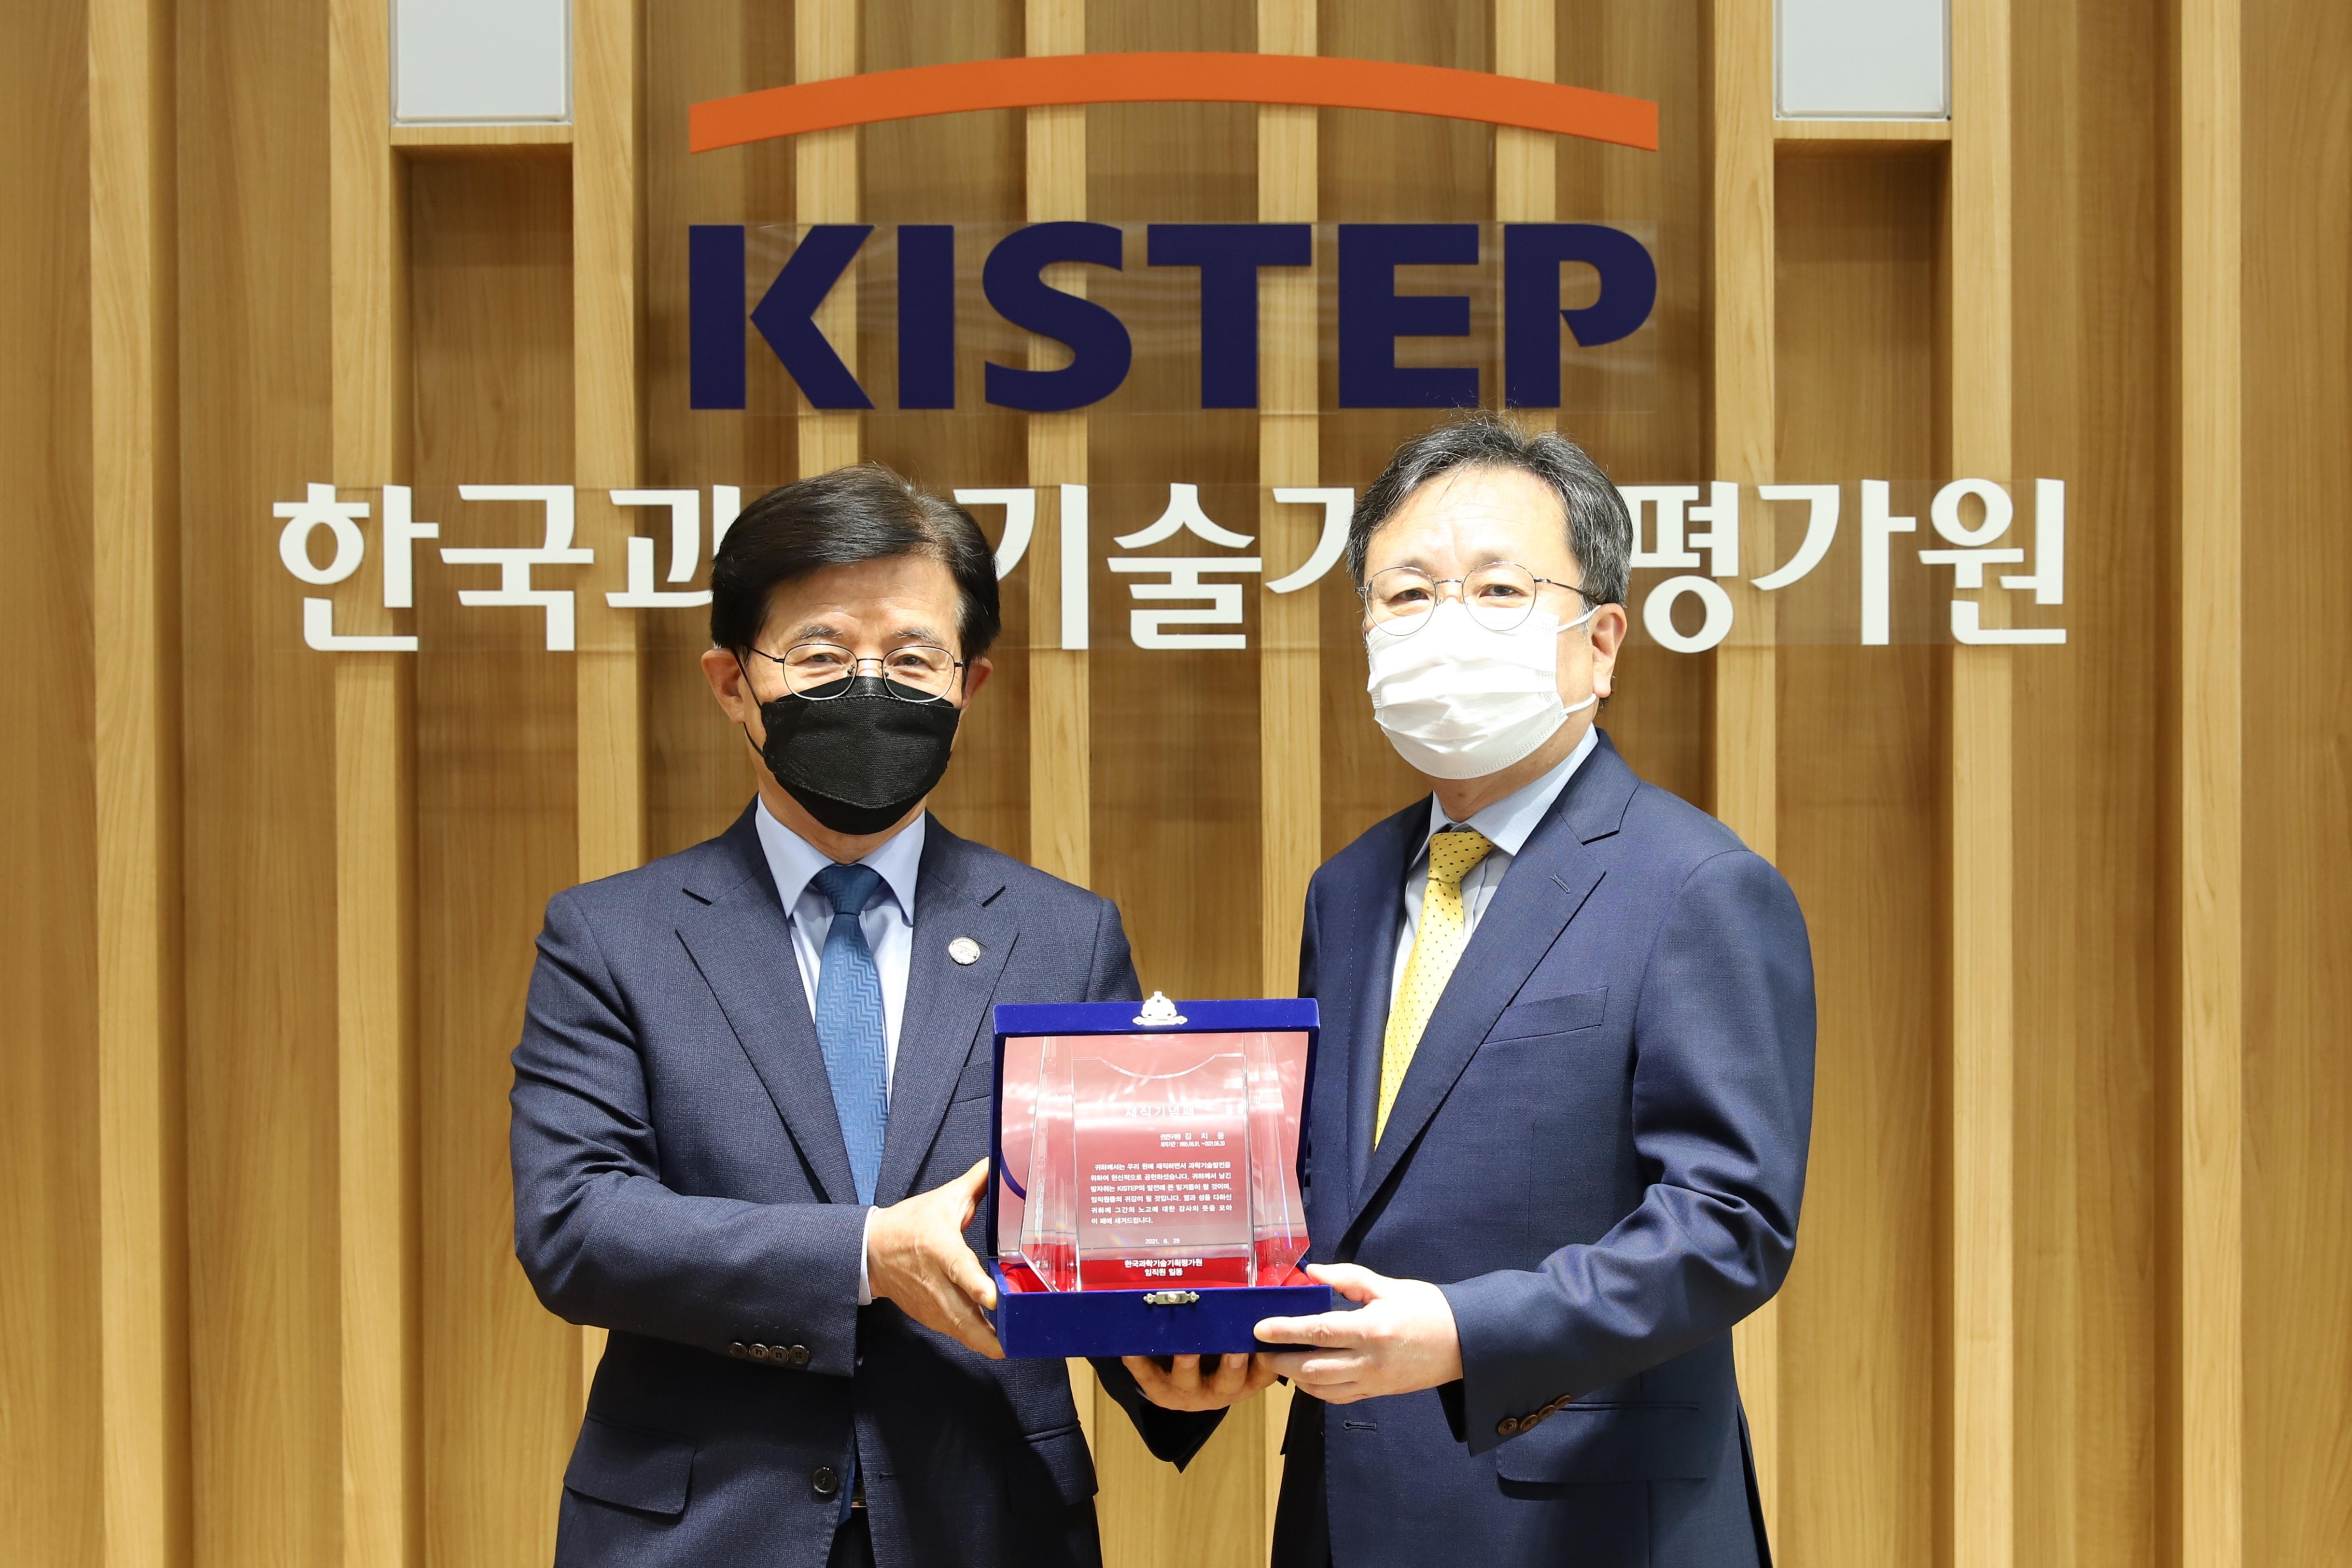 ▲ 기념패를 전달받는 김치용 선임연구위원